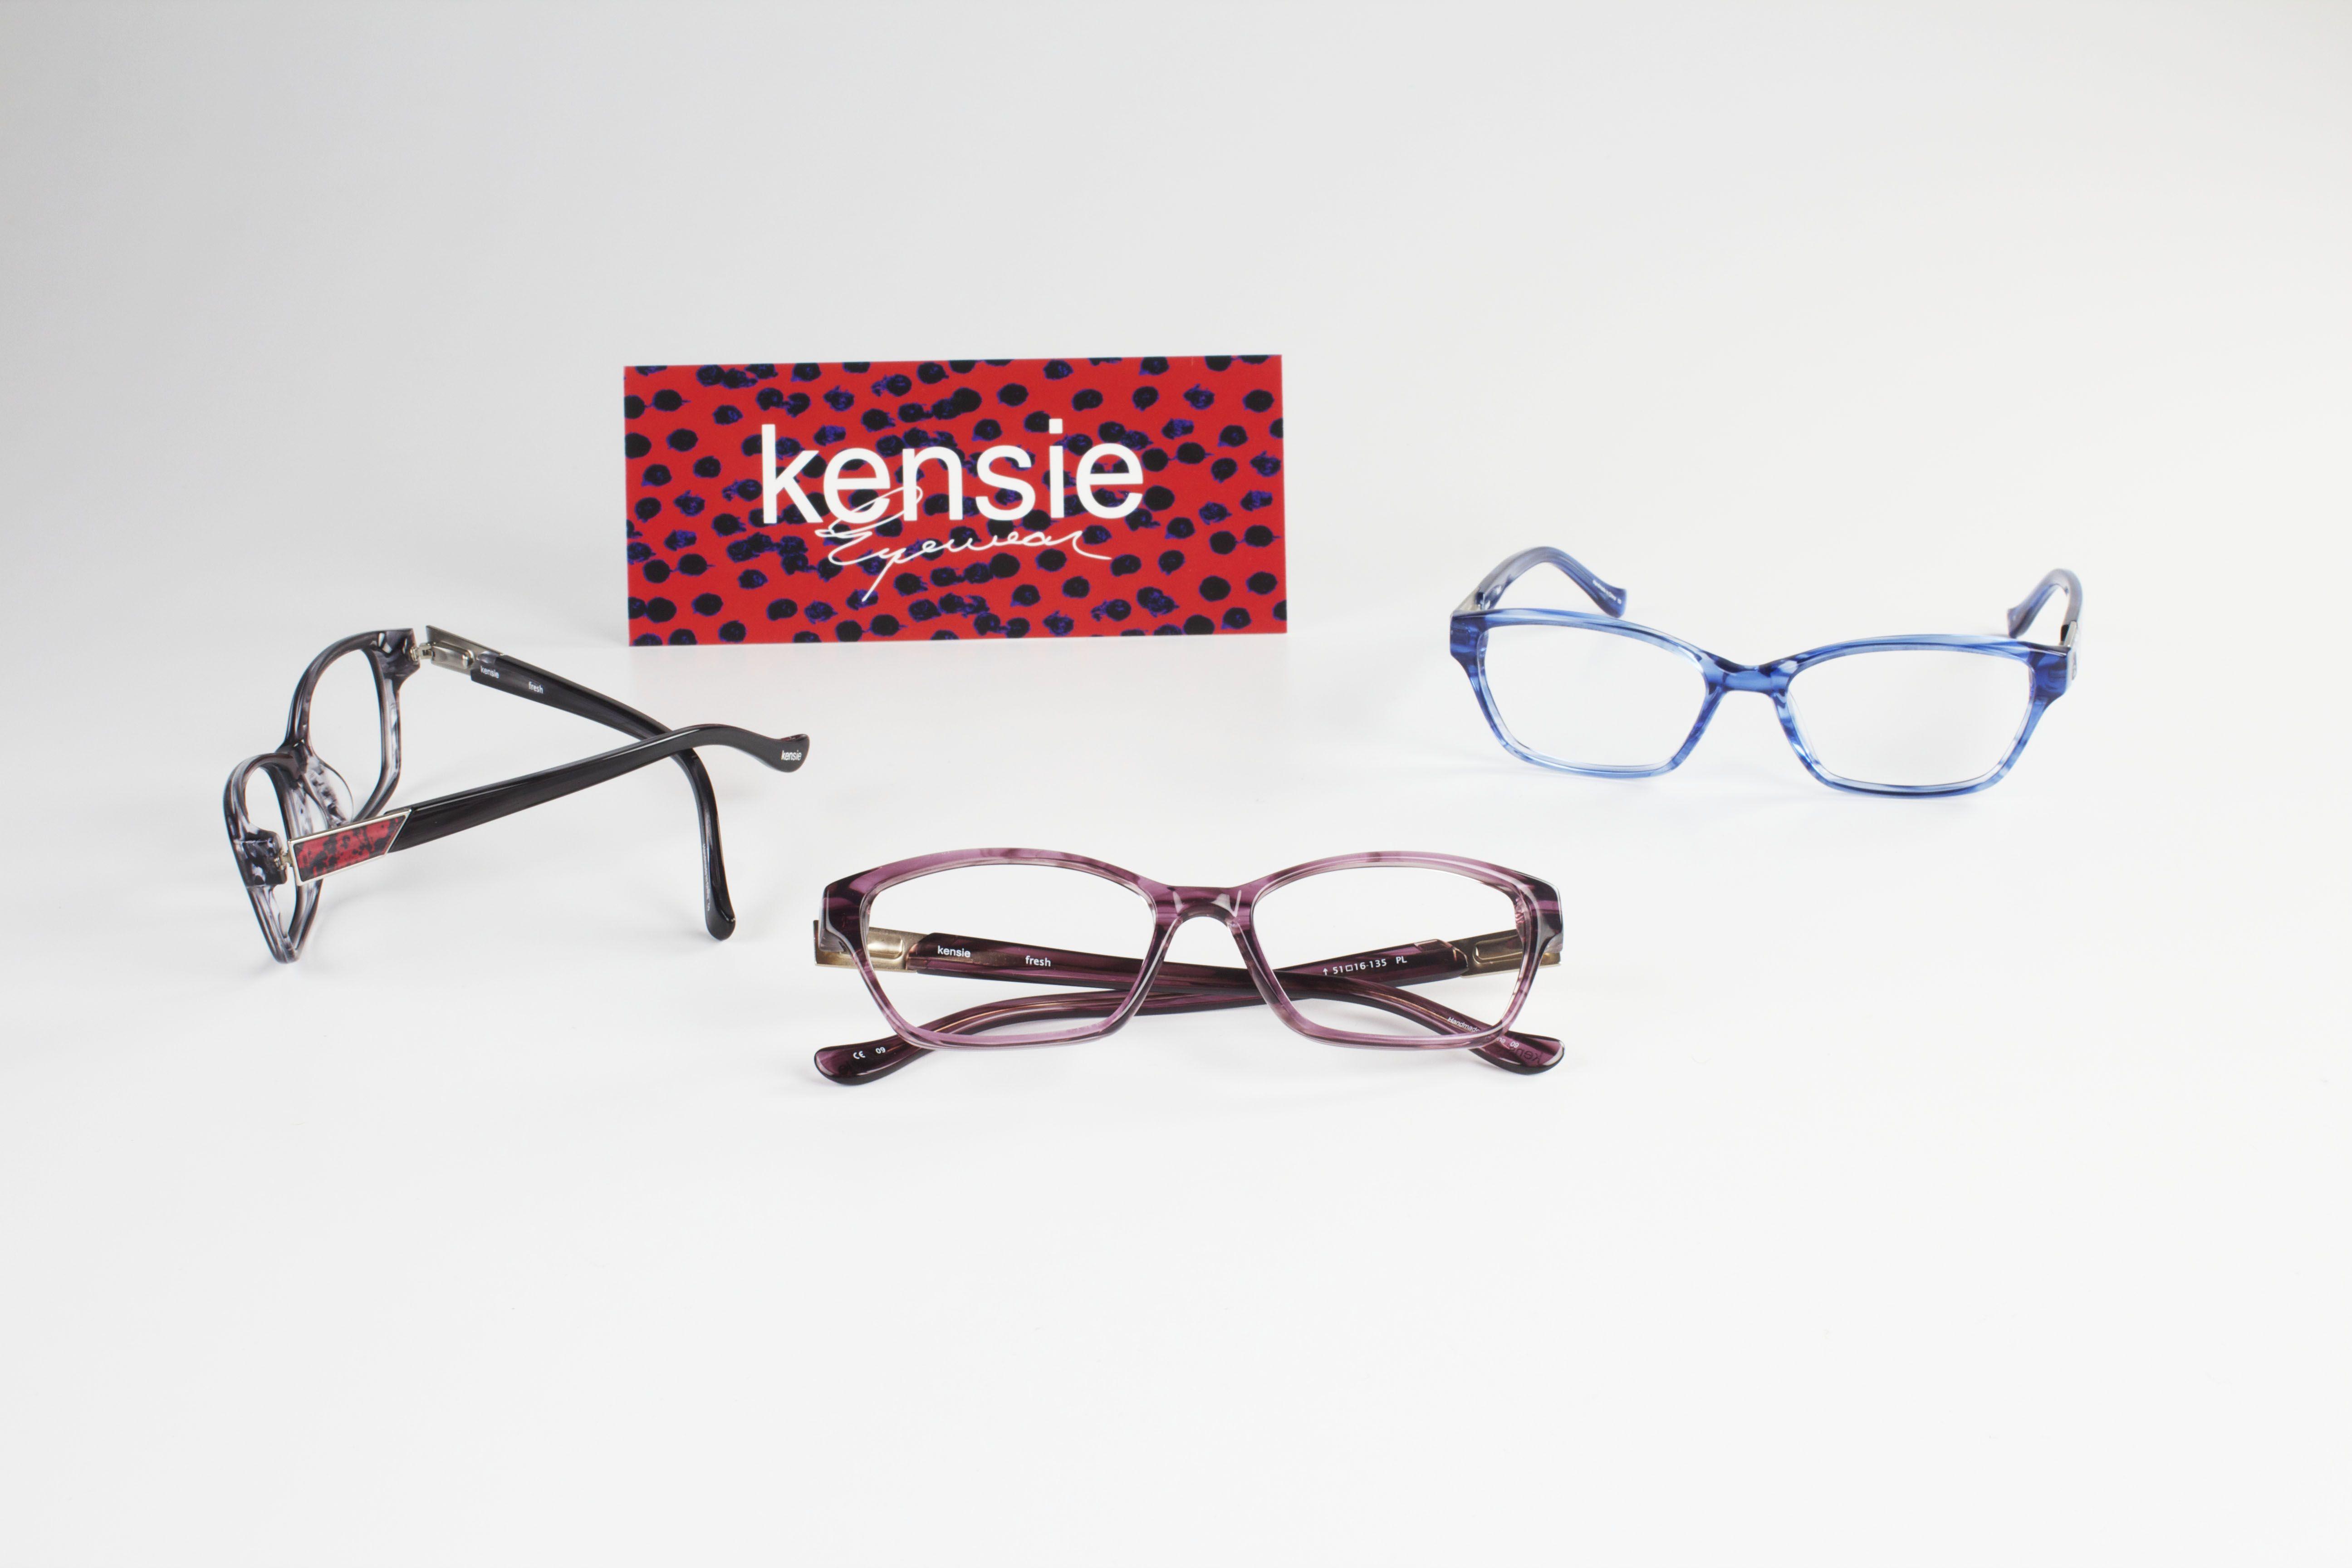 22c91d2bb29  kensie clothing